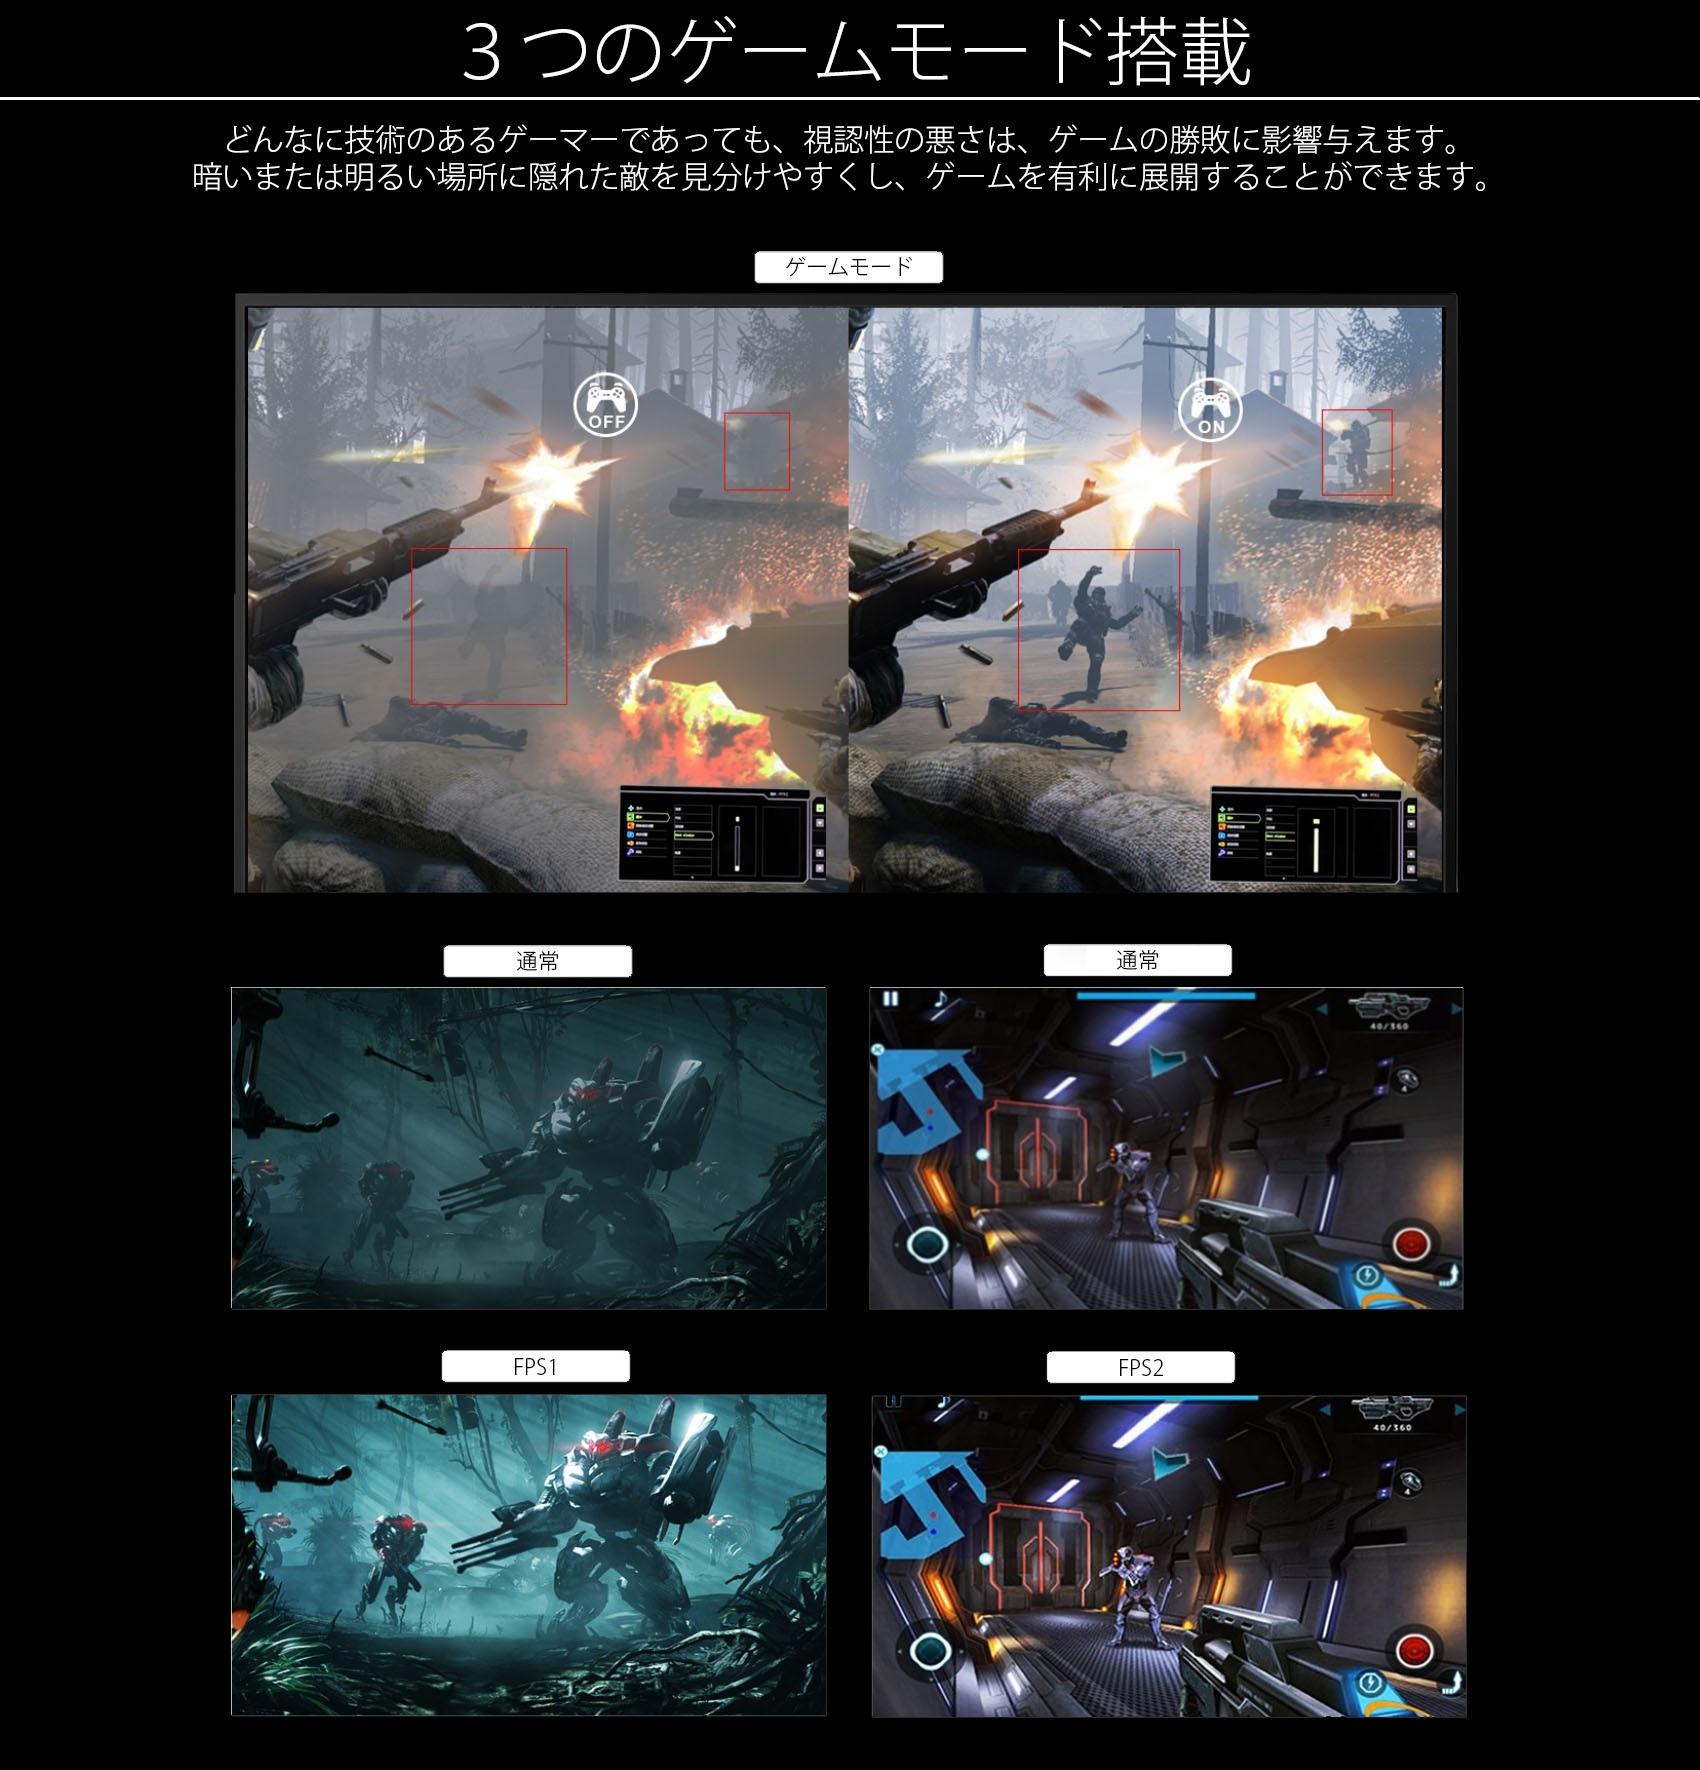 3つゲームモード搭載。明るい・暗い場所で敵を見逃さない。ゲームの勝敗を決めることも。